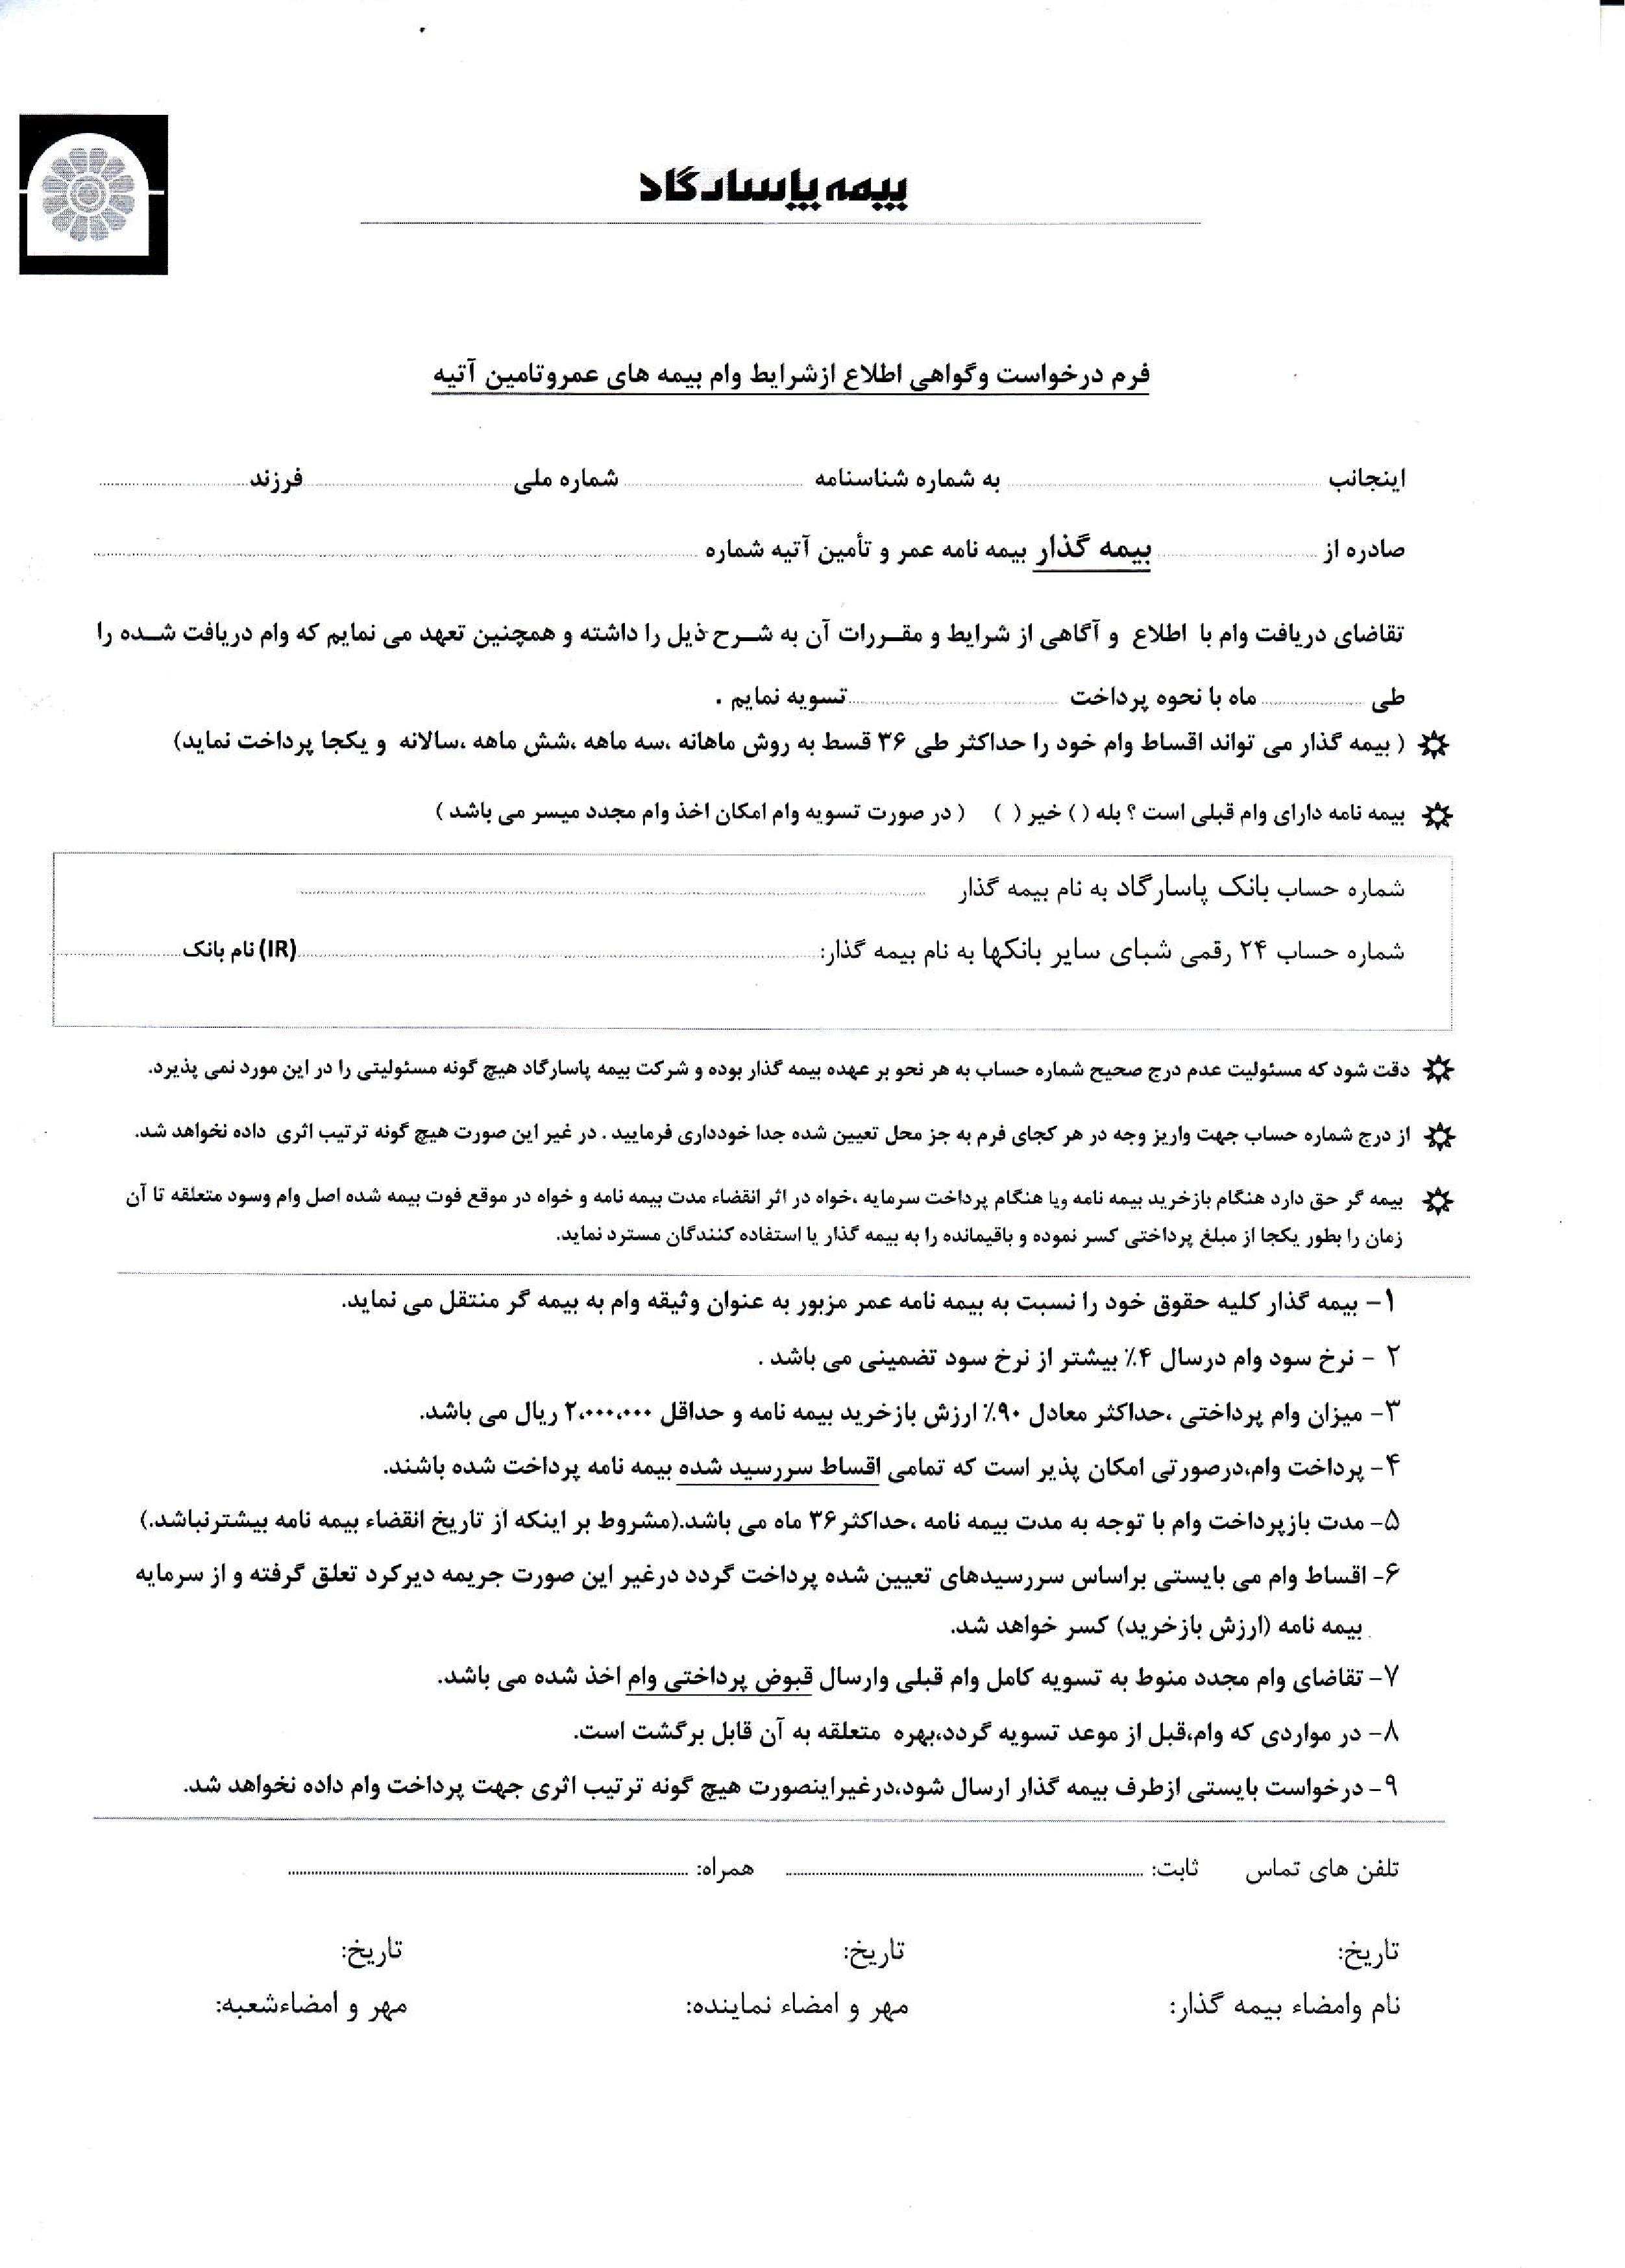 وام بدون ضامن بیمه عمر